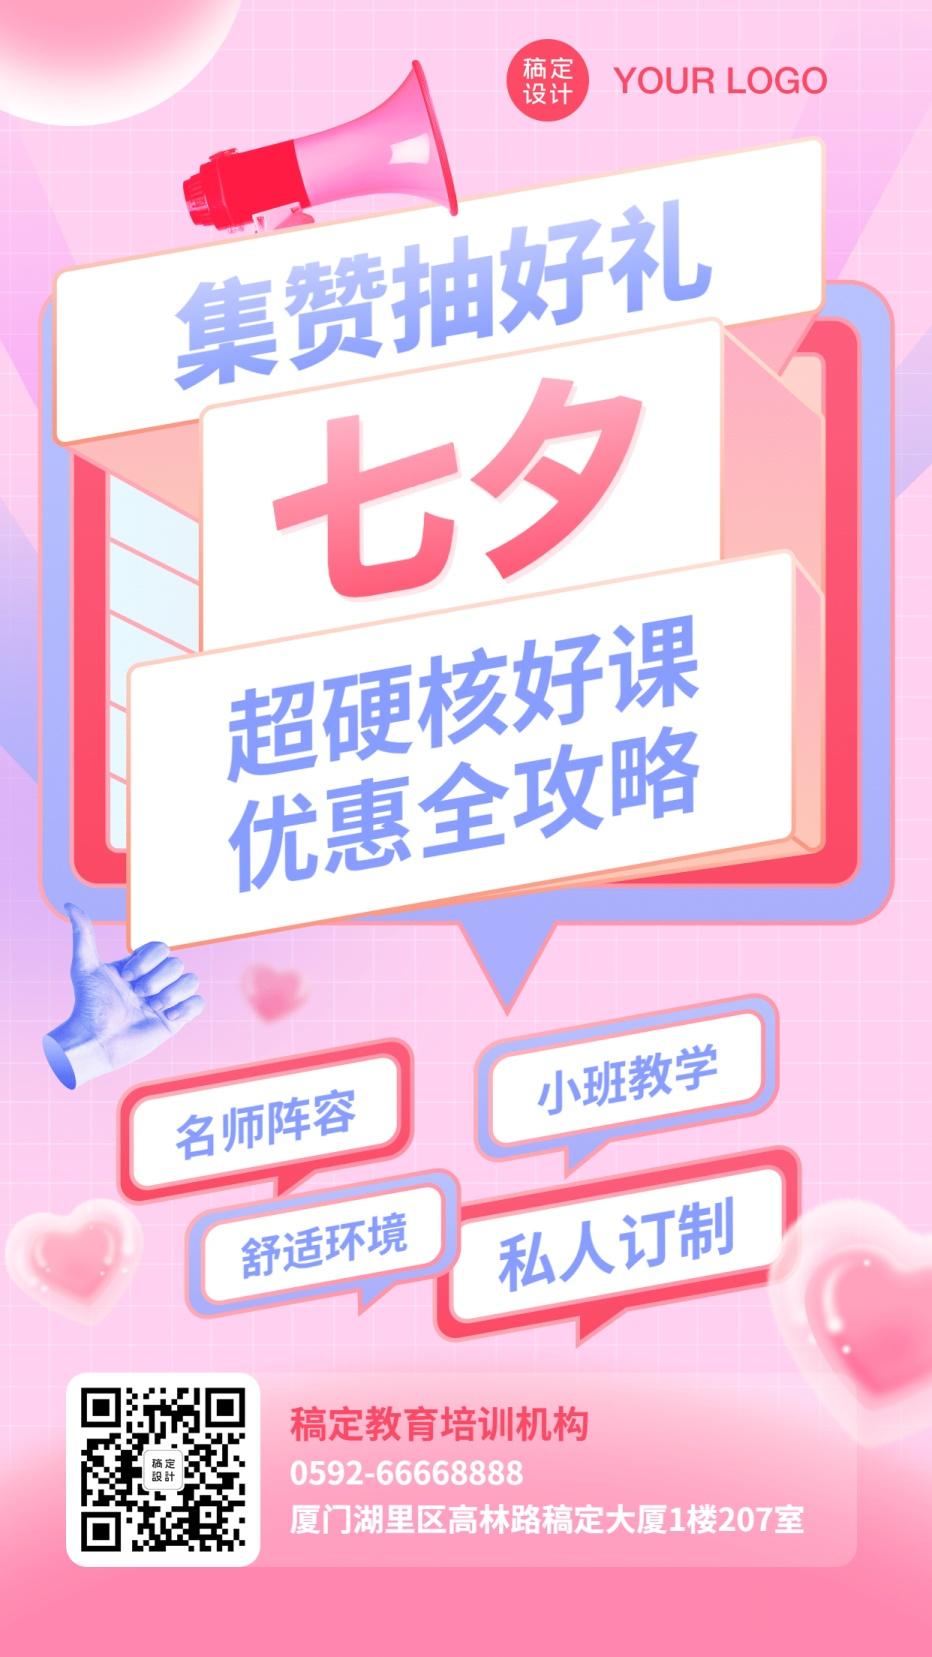 七夕集赞抽好礼课程营销手机海报